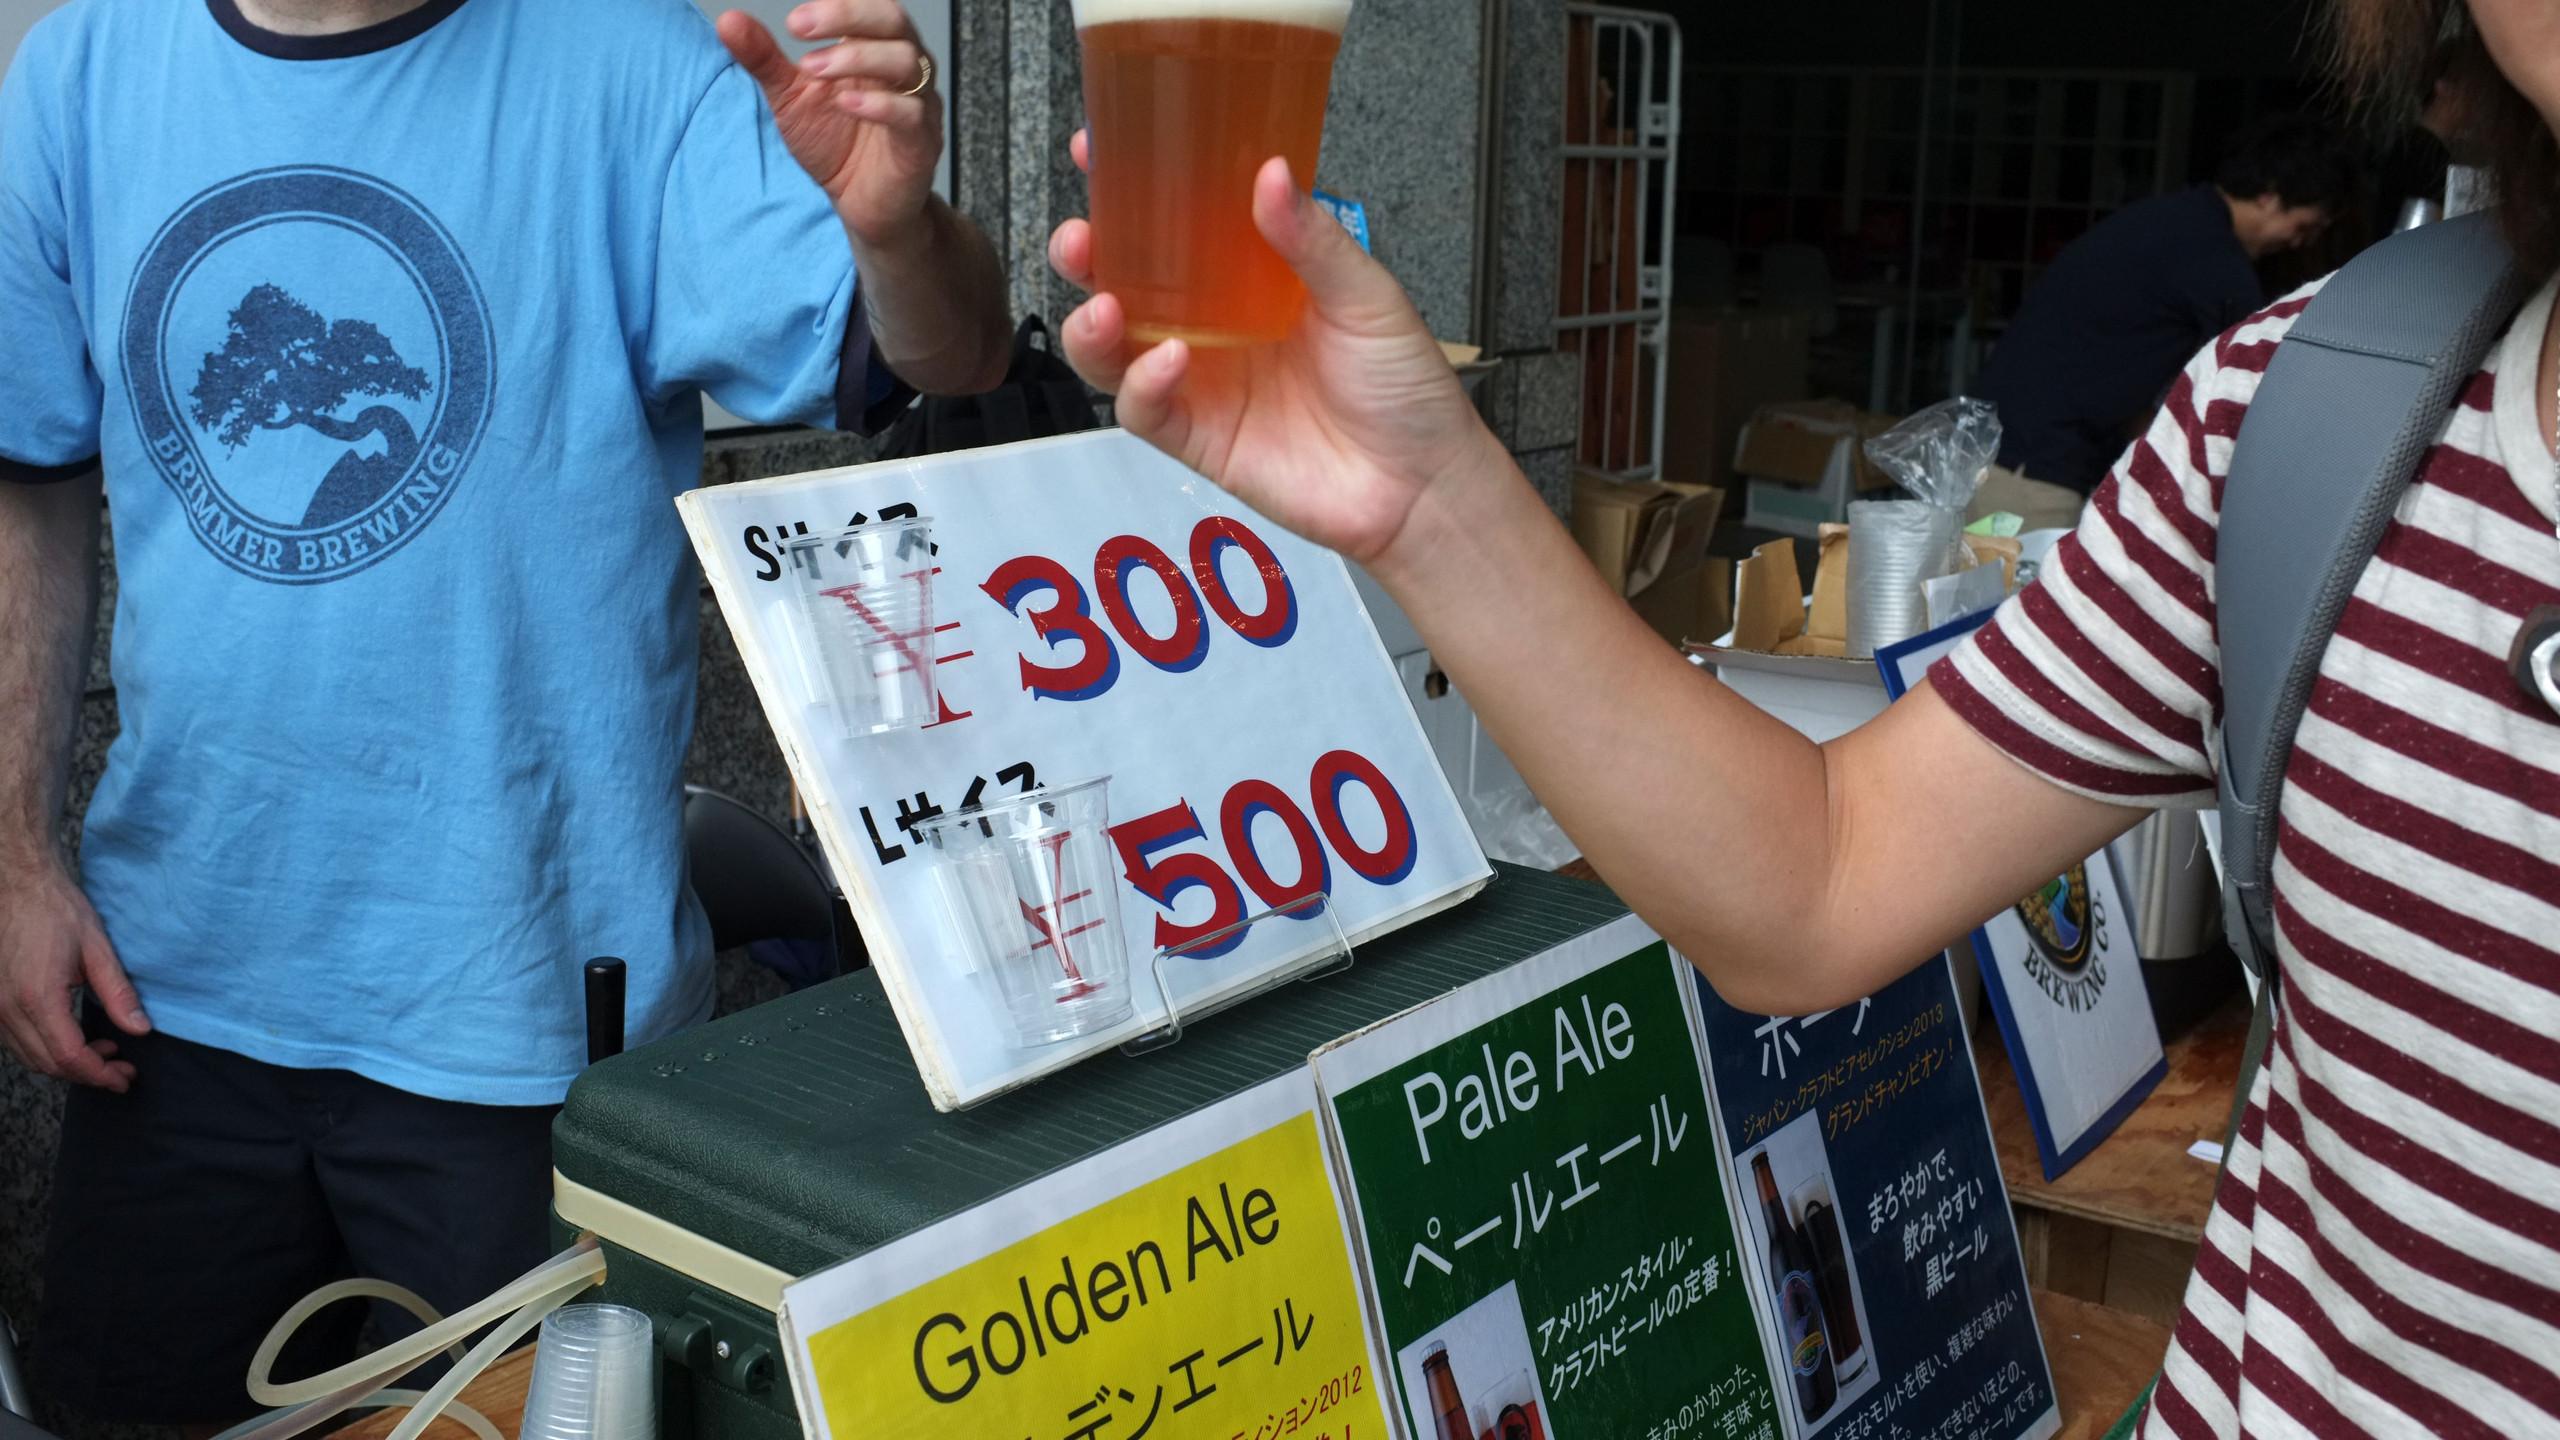 品嚐一杯農友自釀啤酒